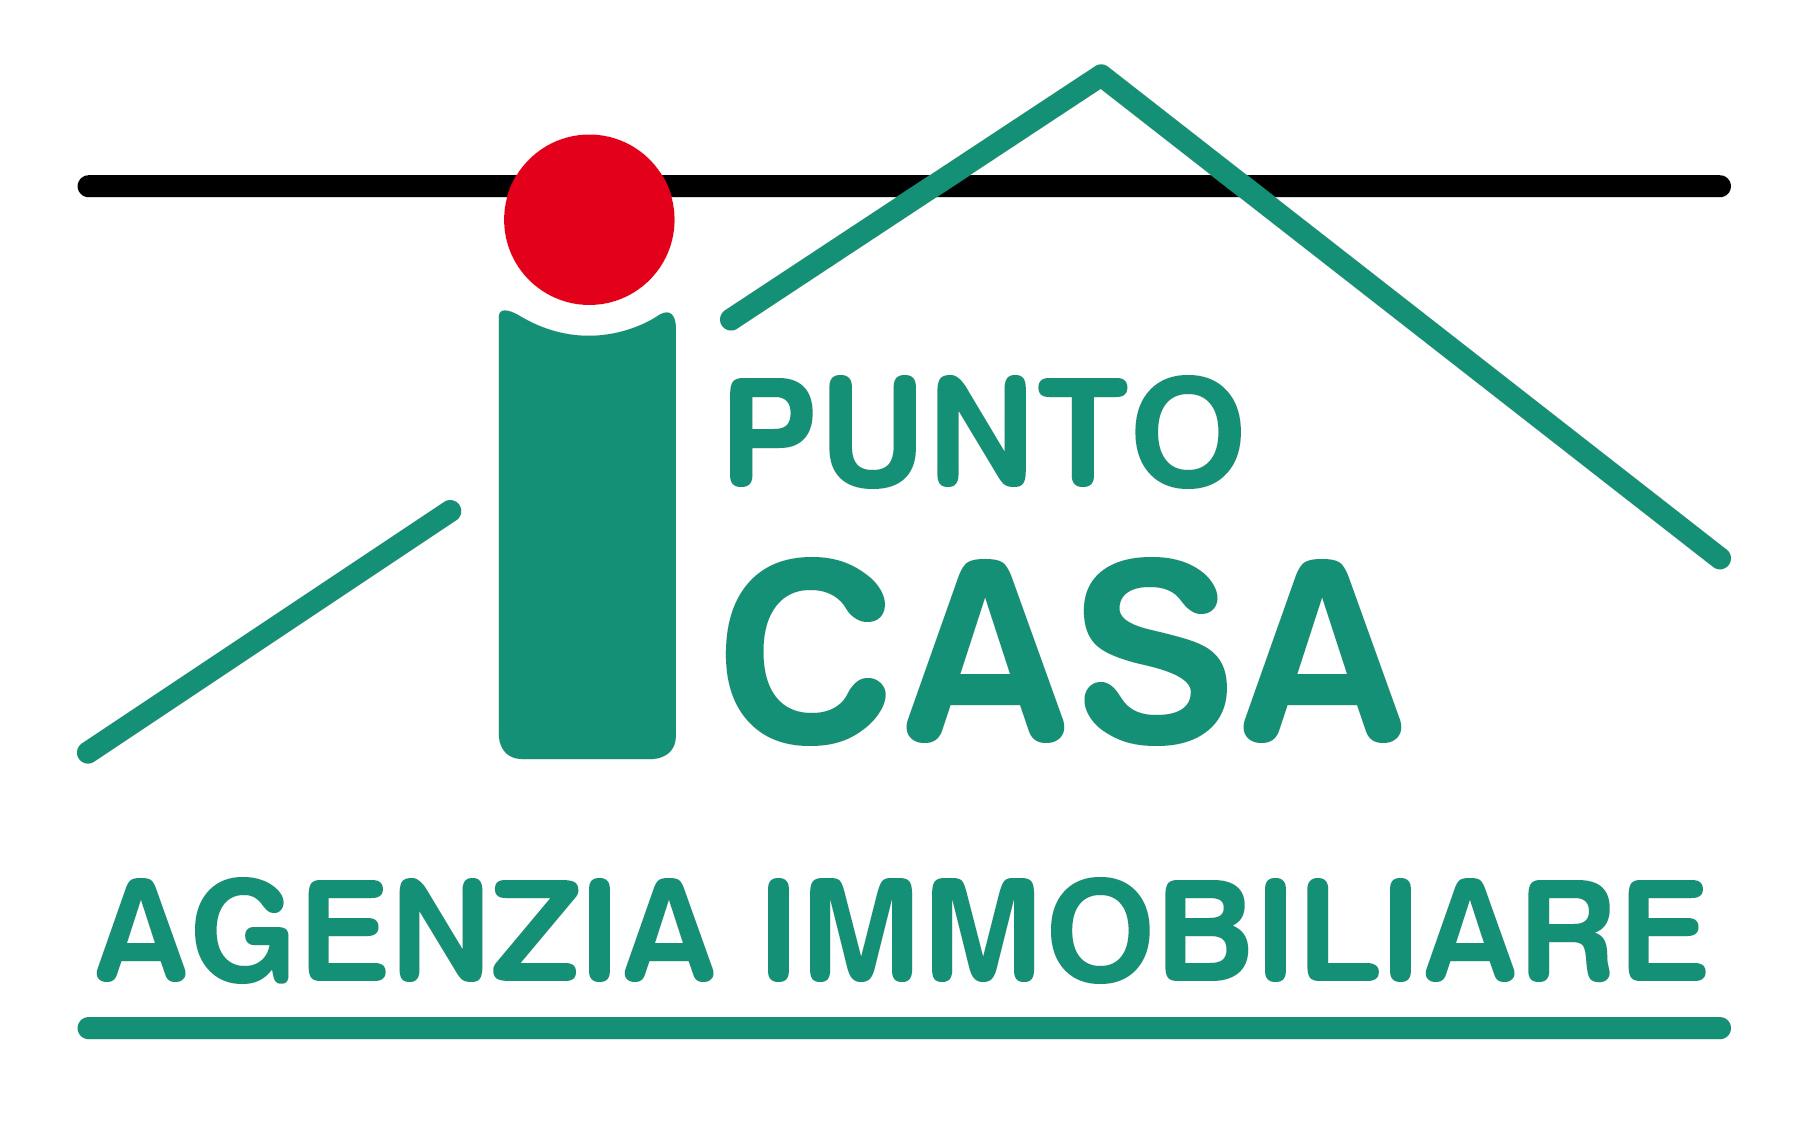 logo PUNTO CASA Agenzia Immobiliare